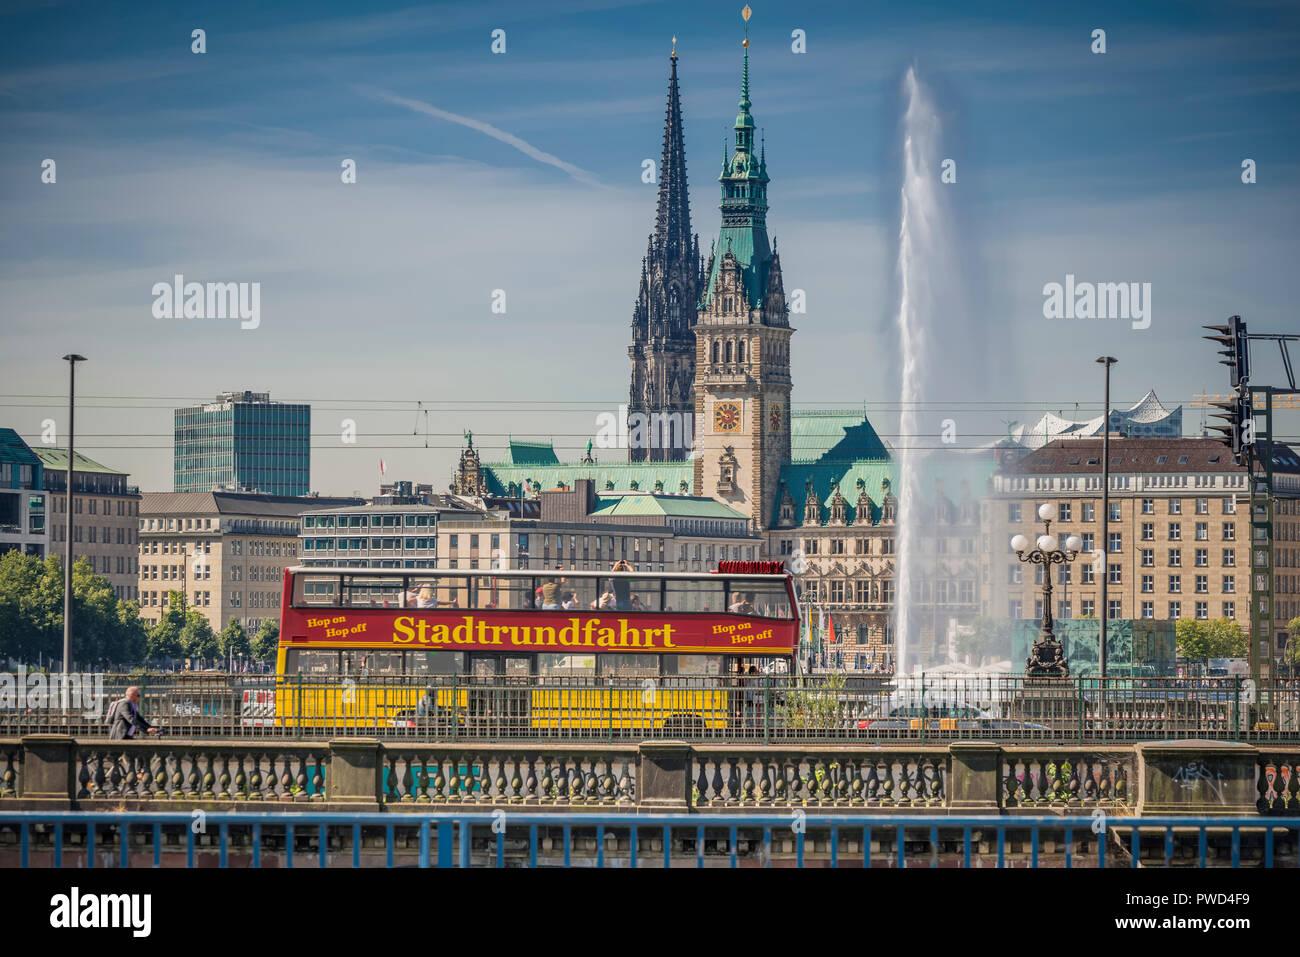 Deutschland, Hamburg, Alster, Rathaus, Nikolaikirche, Binnenalster - Stock Image